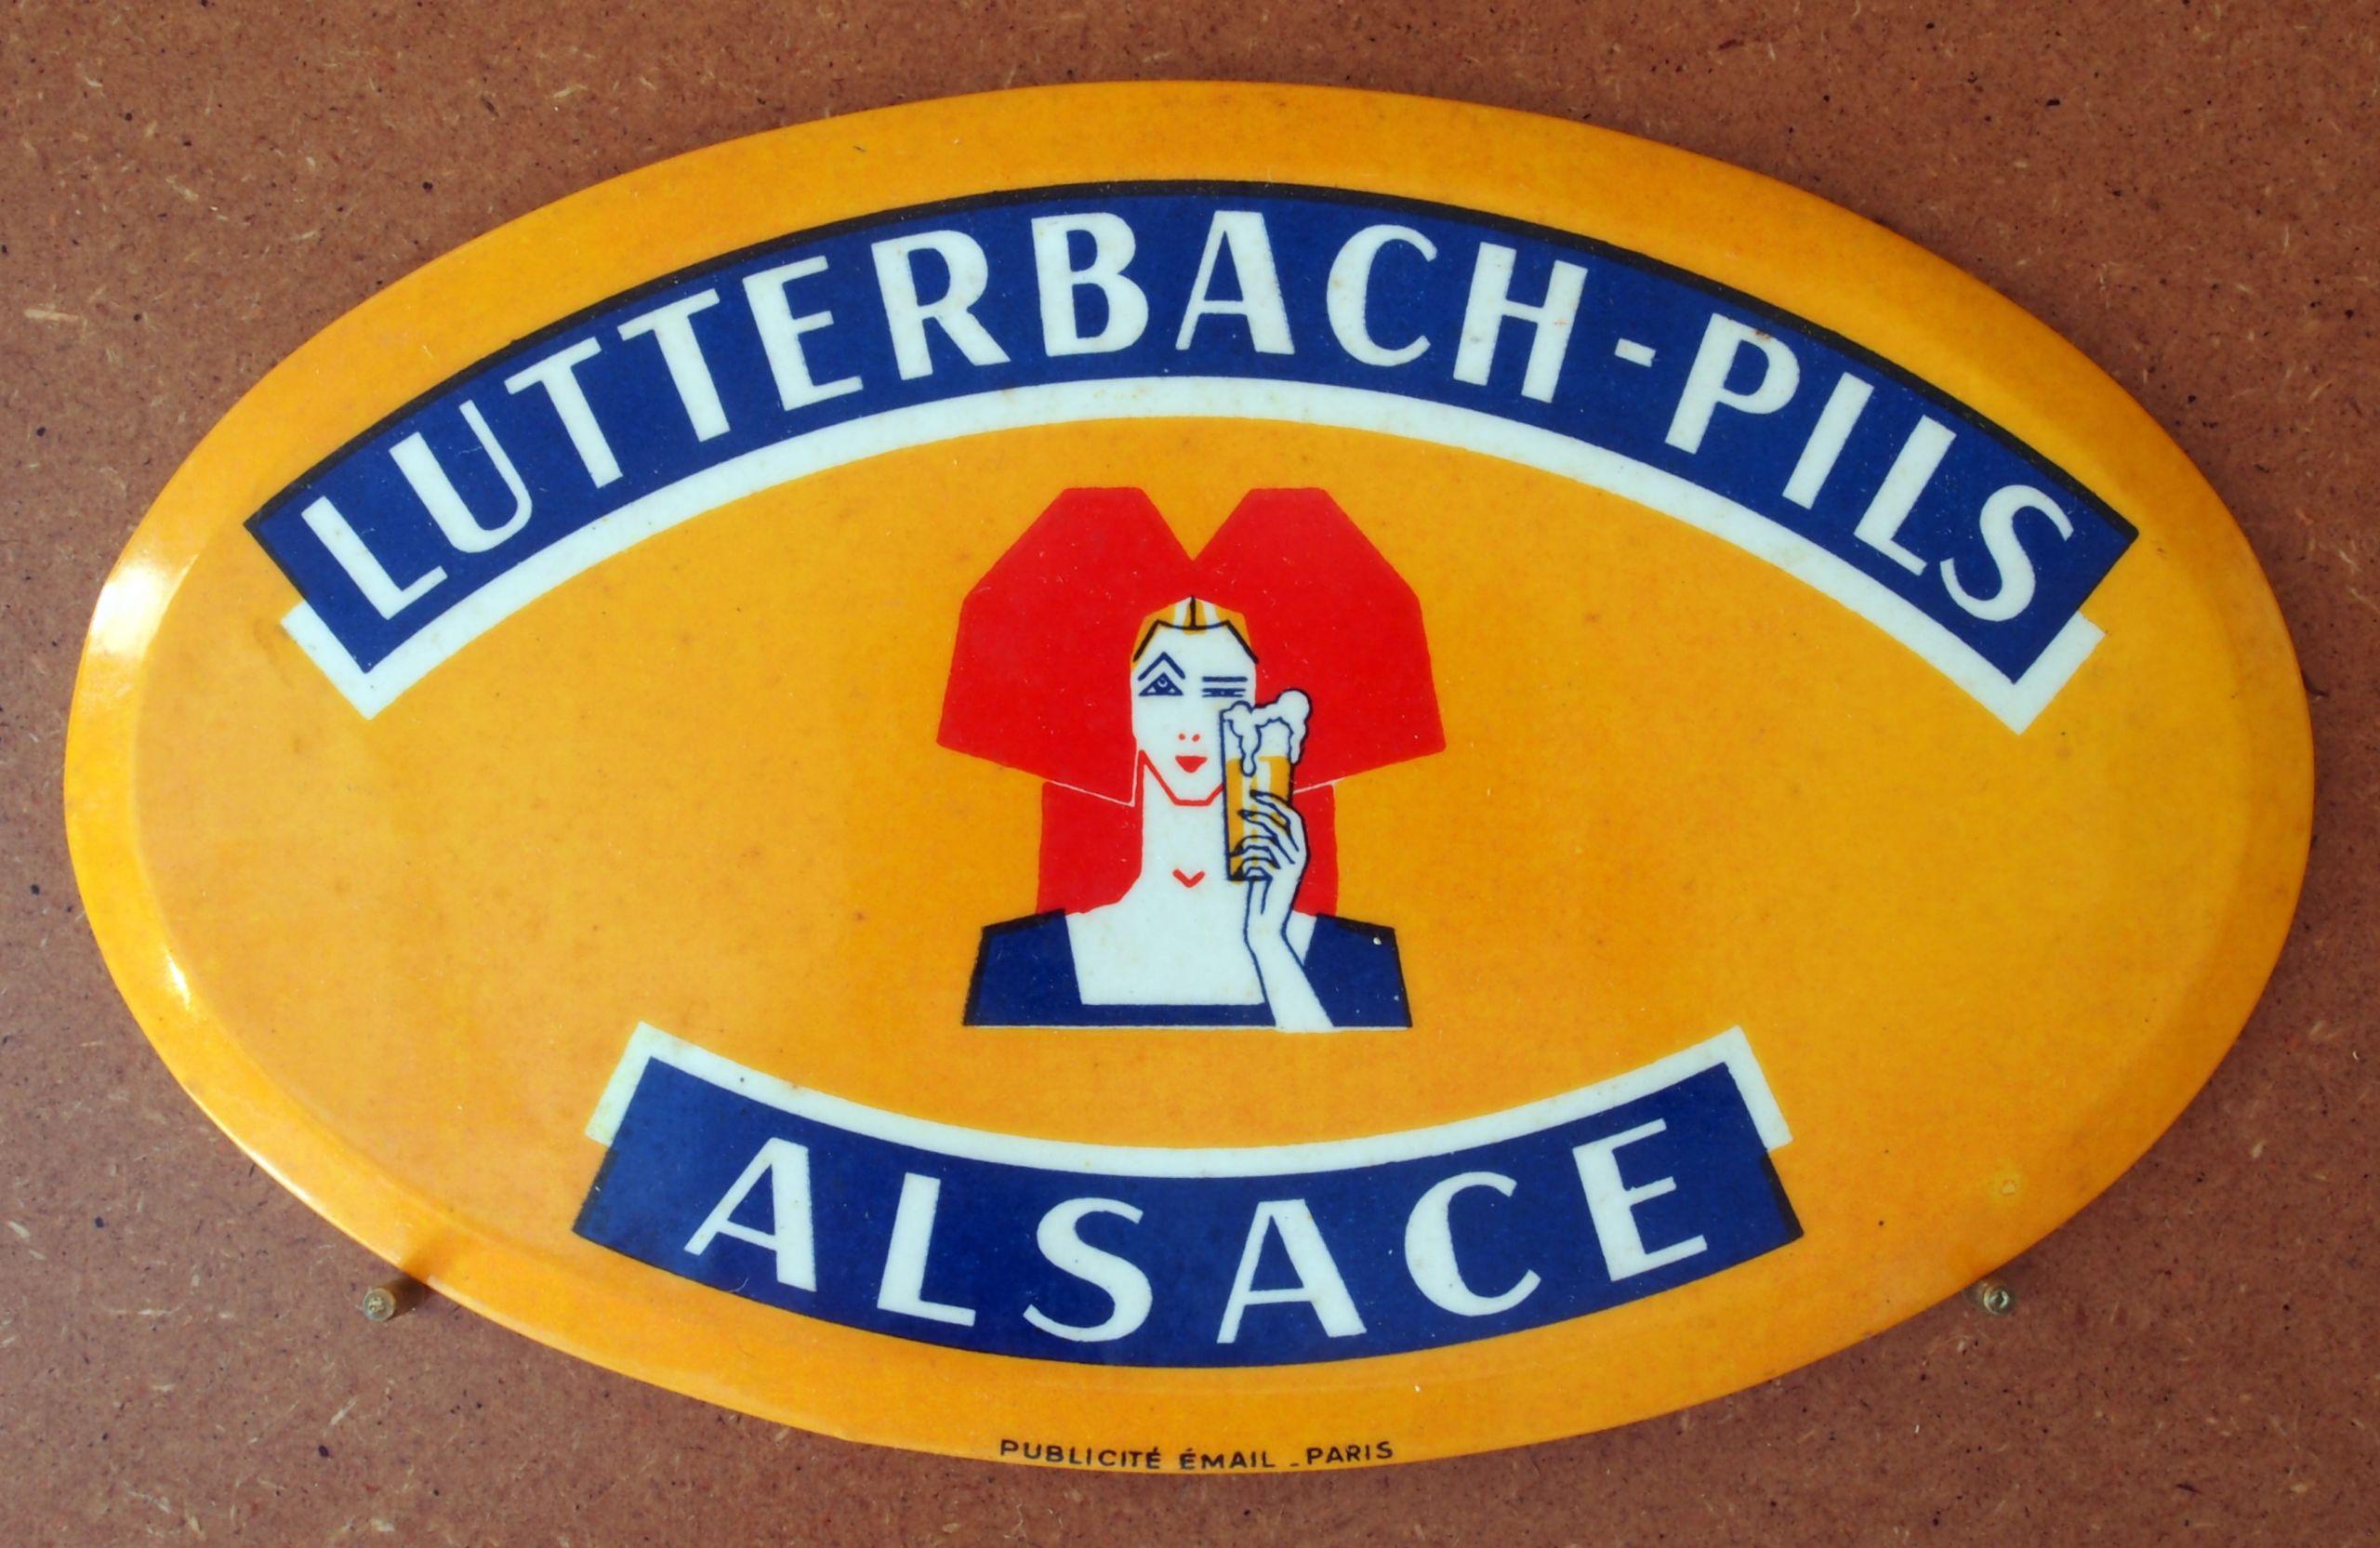 Lutterbach Pils Alsace enamel advertising sign at the Musée Européen de la Bière JPG